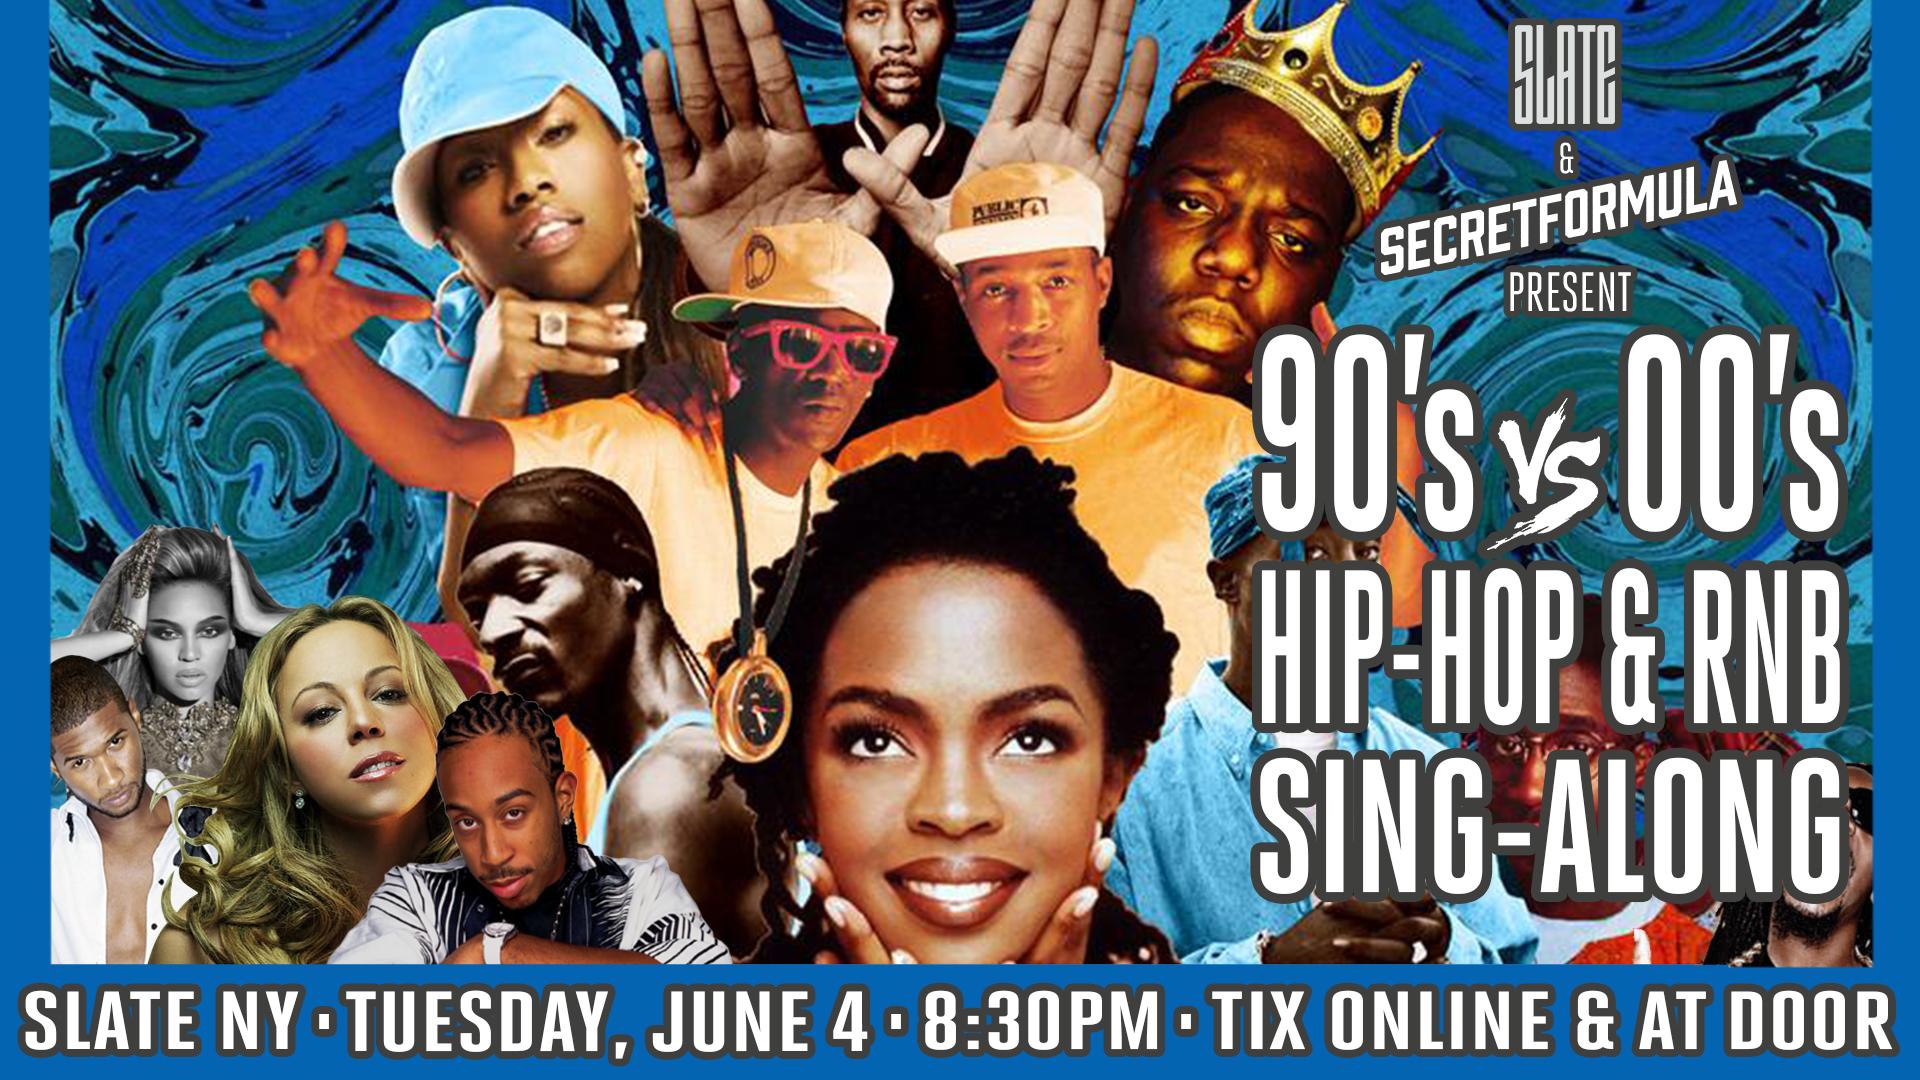 SLATE 90sV00s Hip-Hop & RnB Sing-Along June 2019 - TV IMAGE.jpg